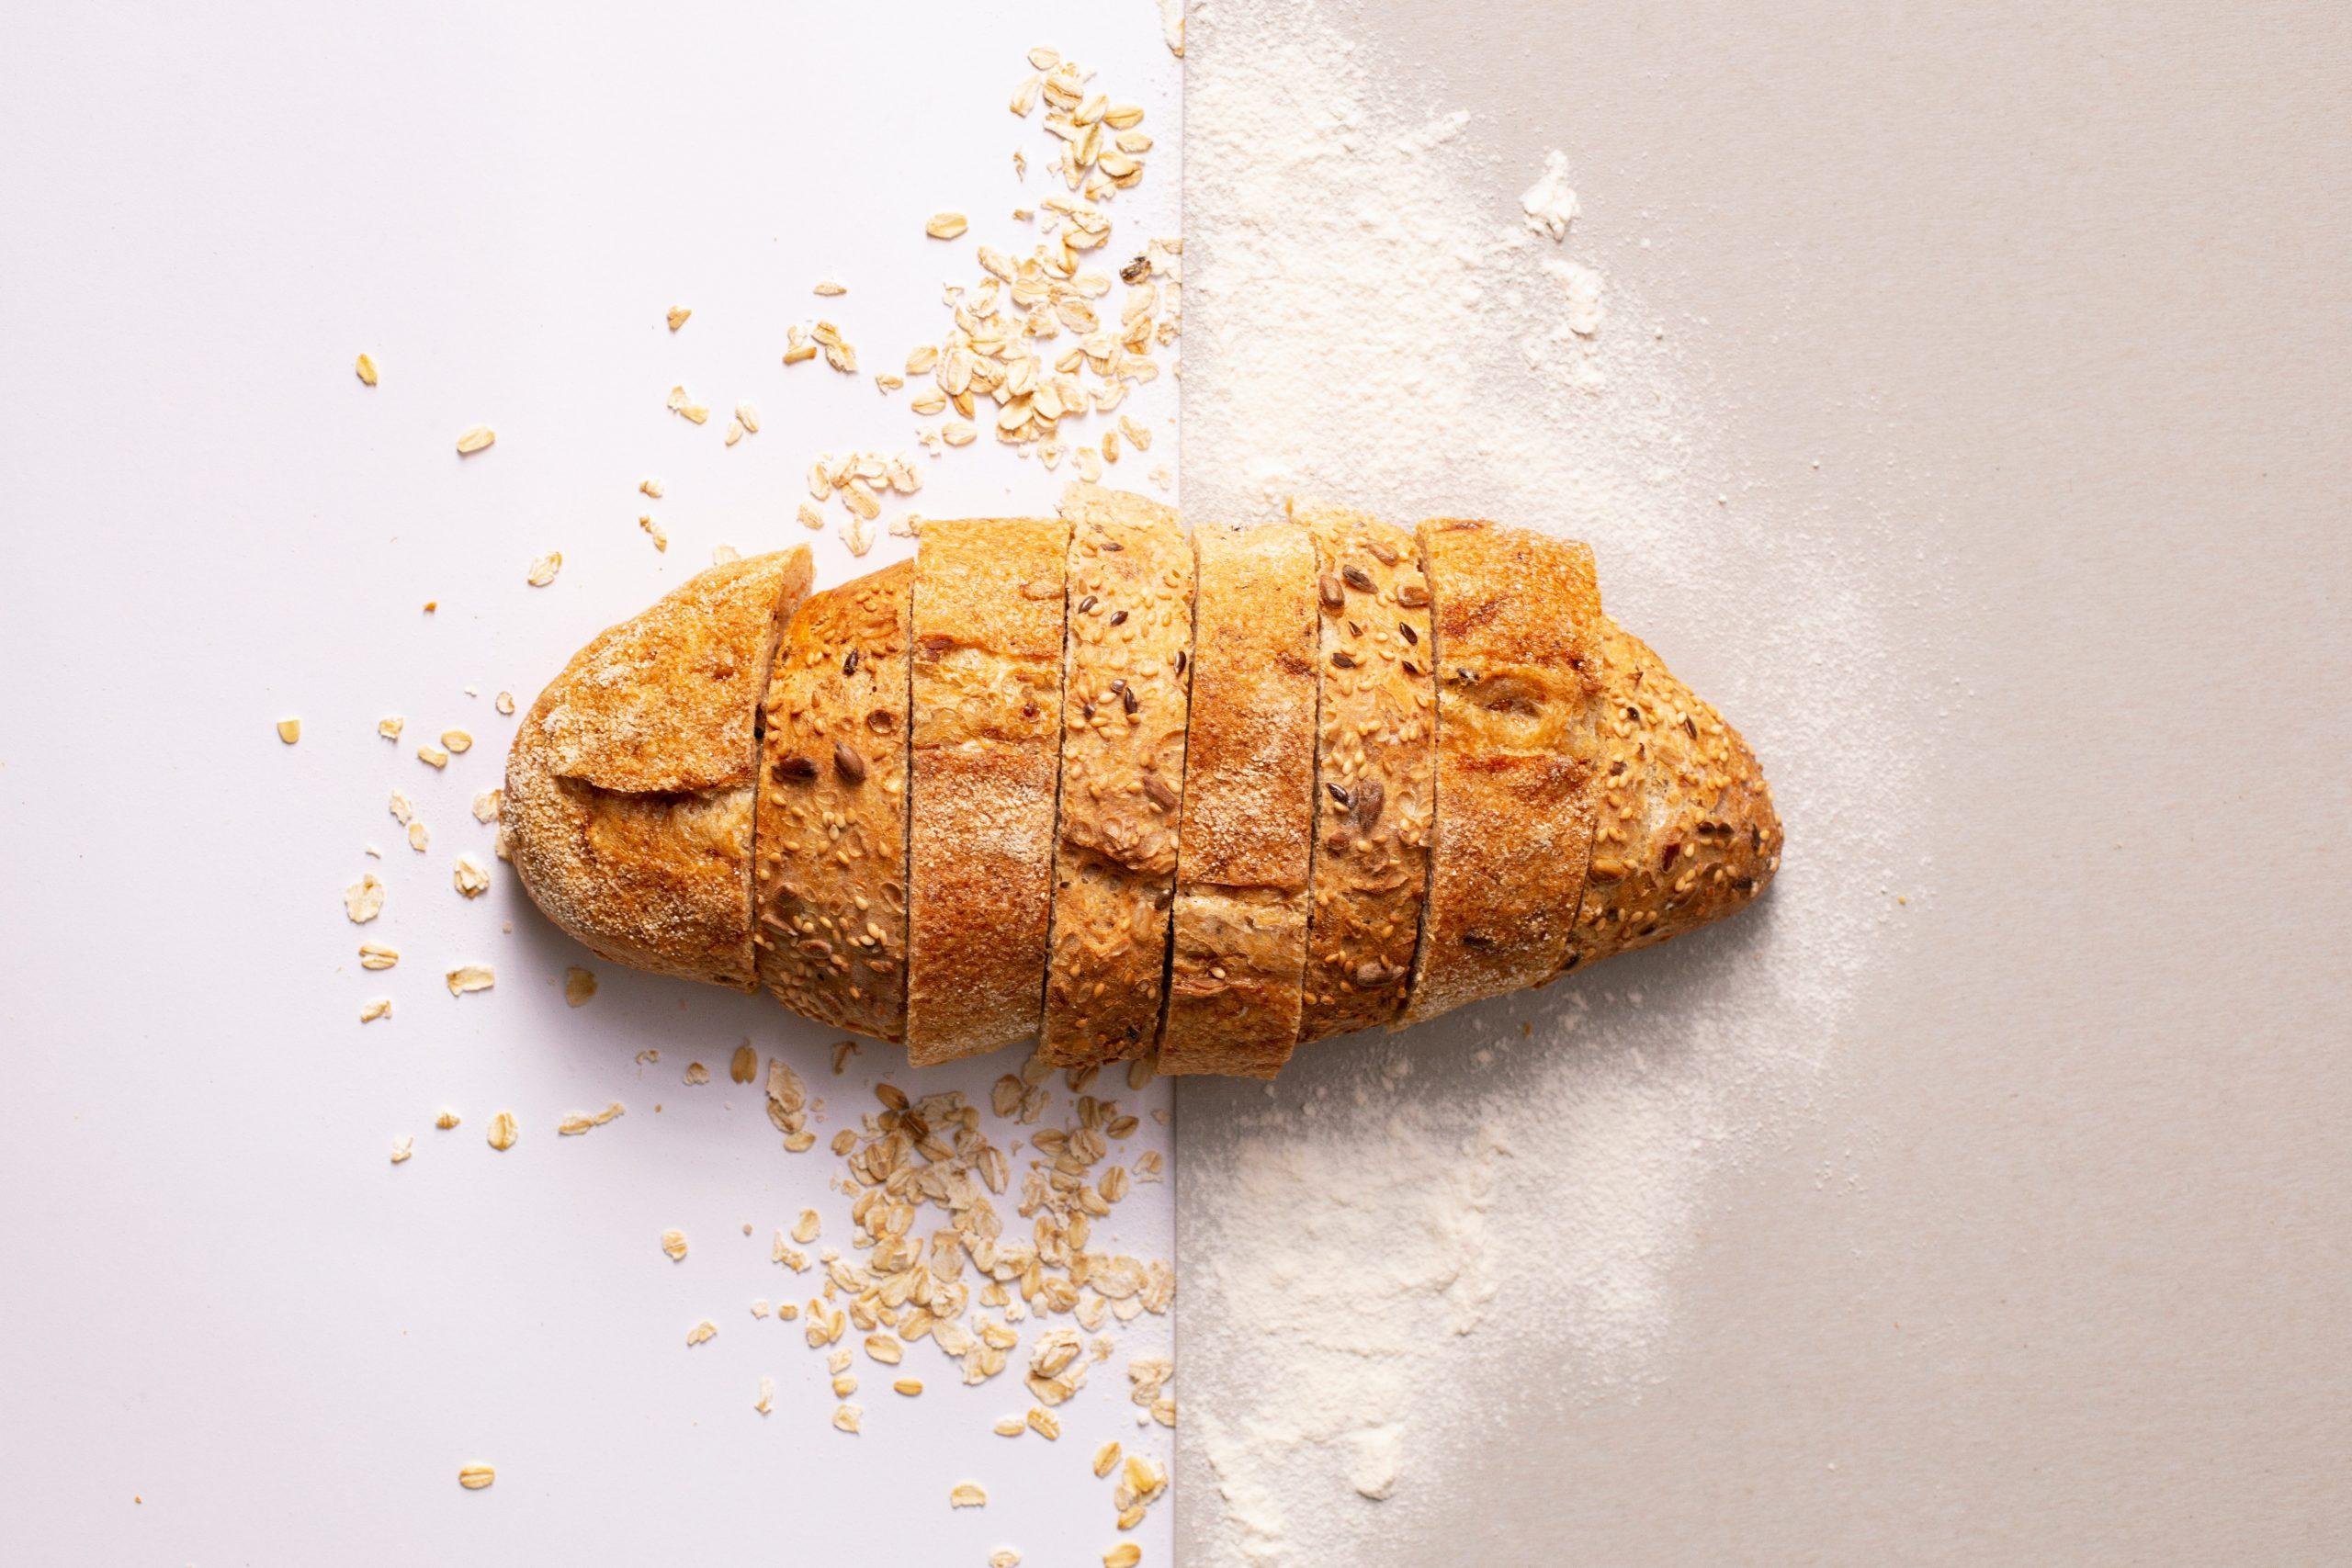 Pão preparado em curso de panificação em uma bancada branca